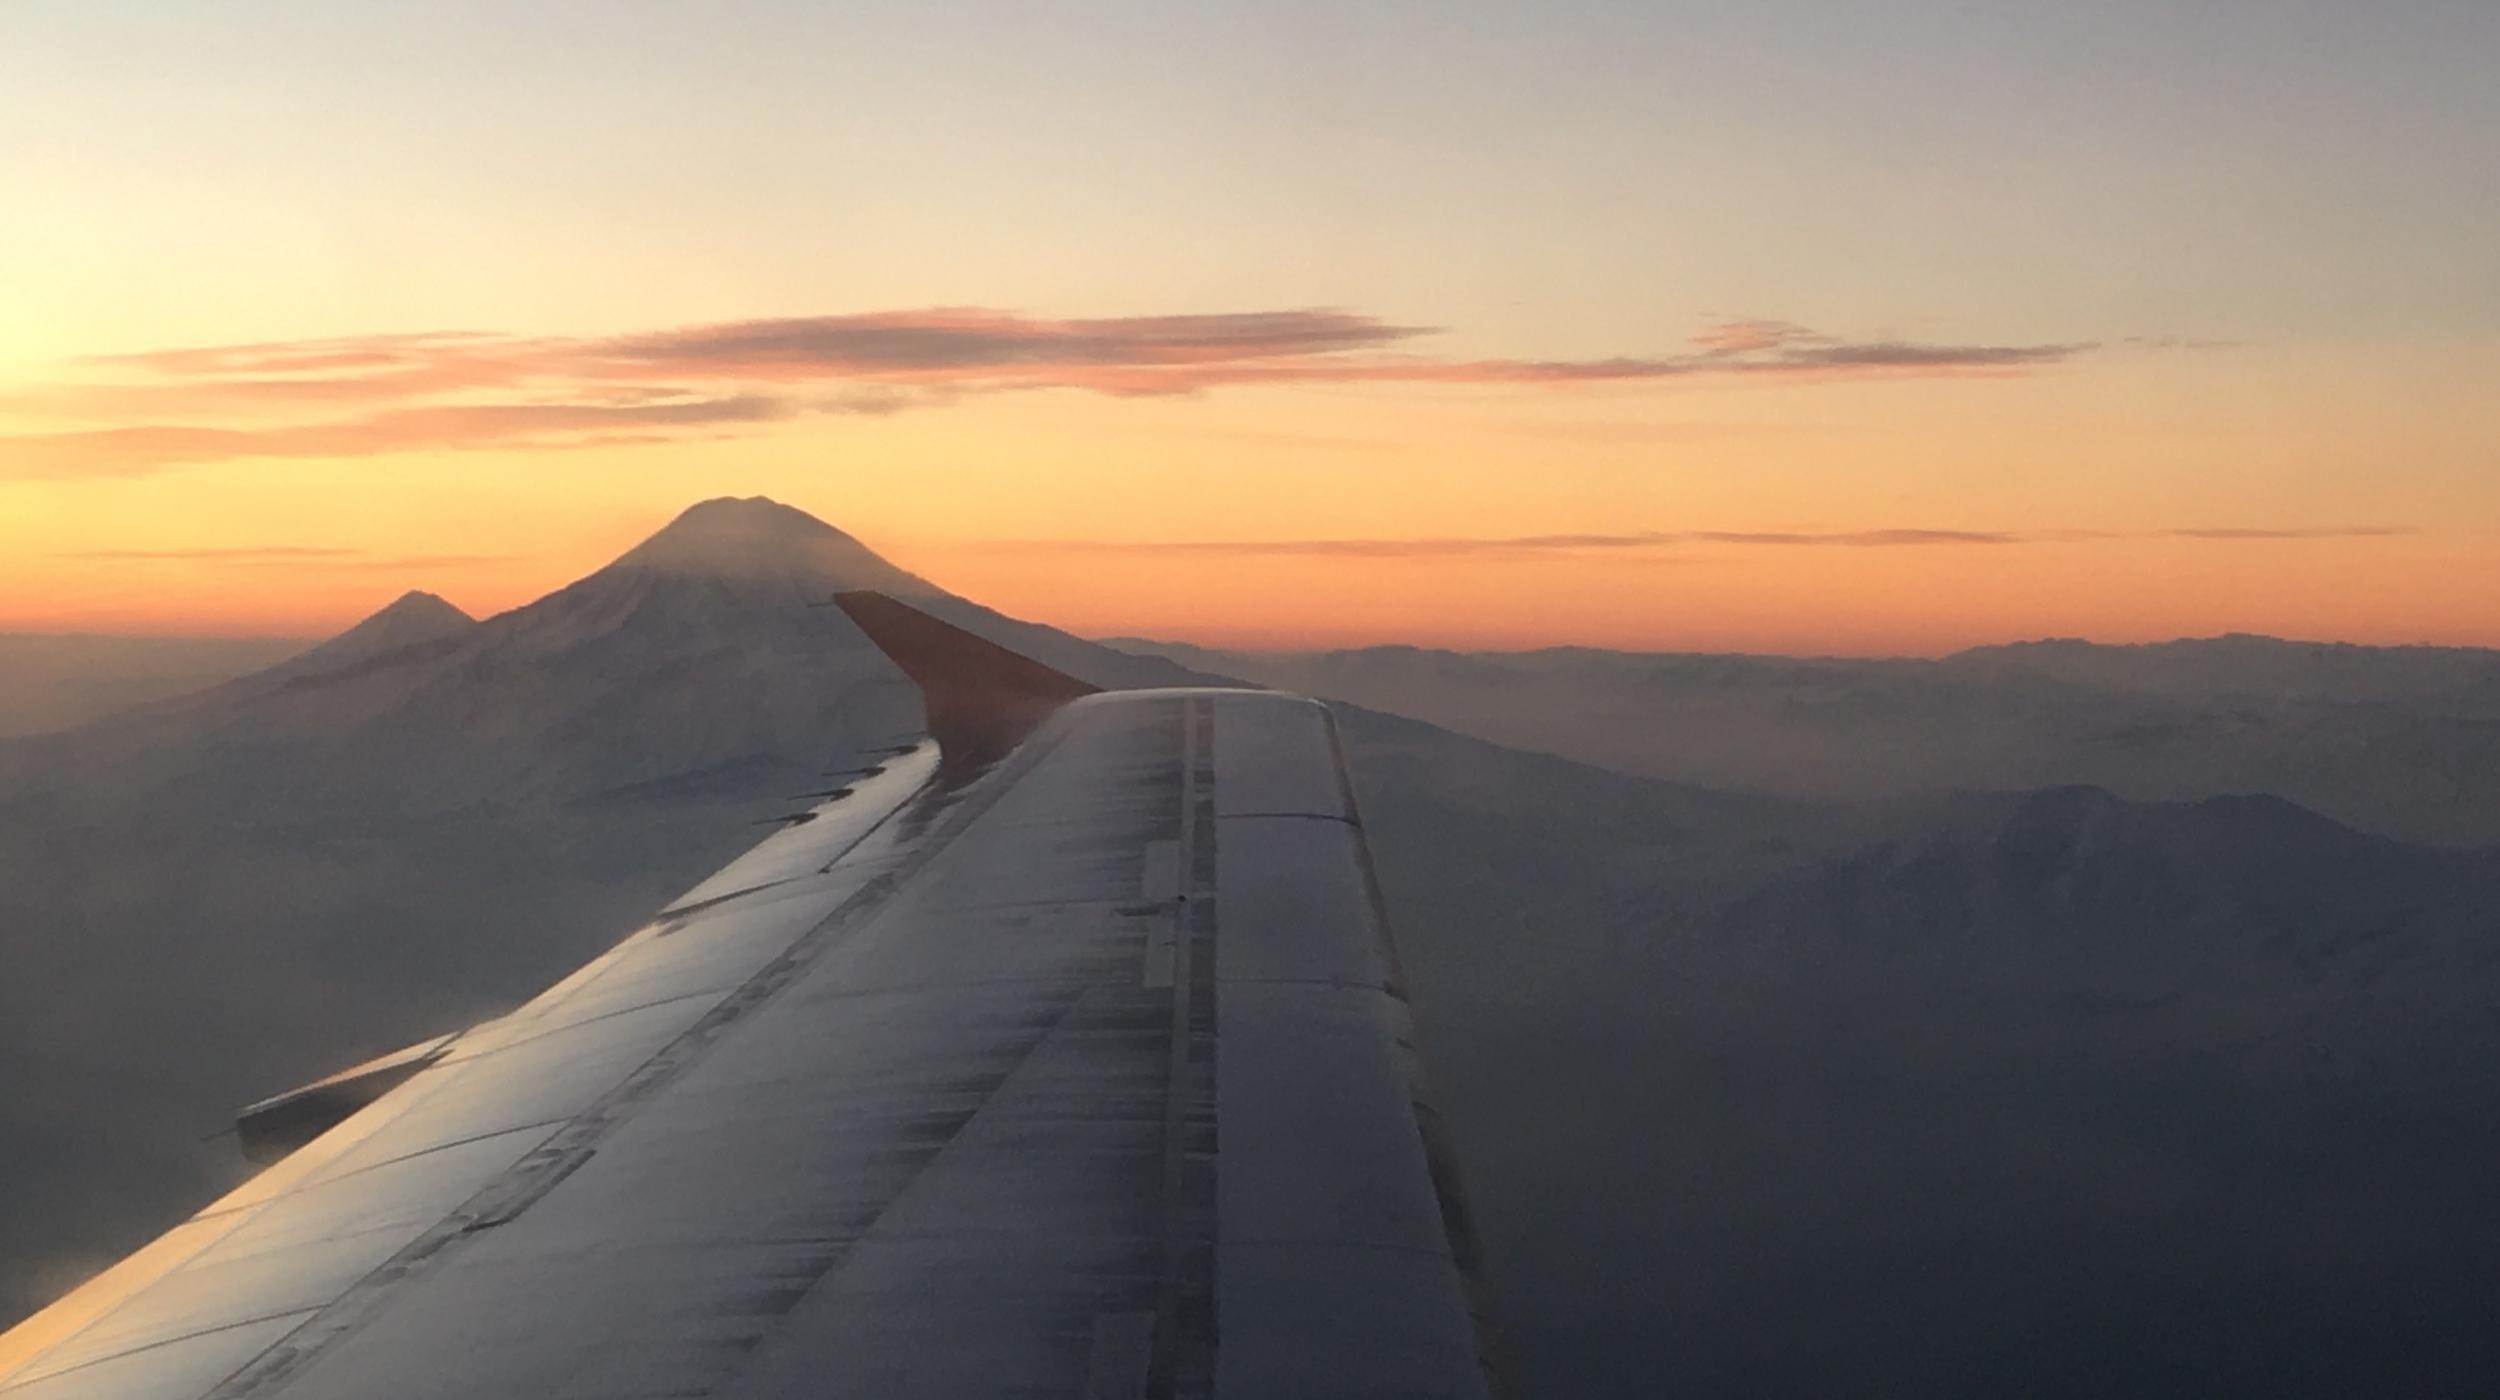 Gryningsljus över Ararat. Den främre toppen, Stora Ararat, är på 5123 meter över havet, medan Lilla Ararat är på 3896 m ö h. Enligt Första Mosebok strandade Noaks ark på toppen av Ararat efter syndafloden. Foto: Bitte Hammargren